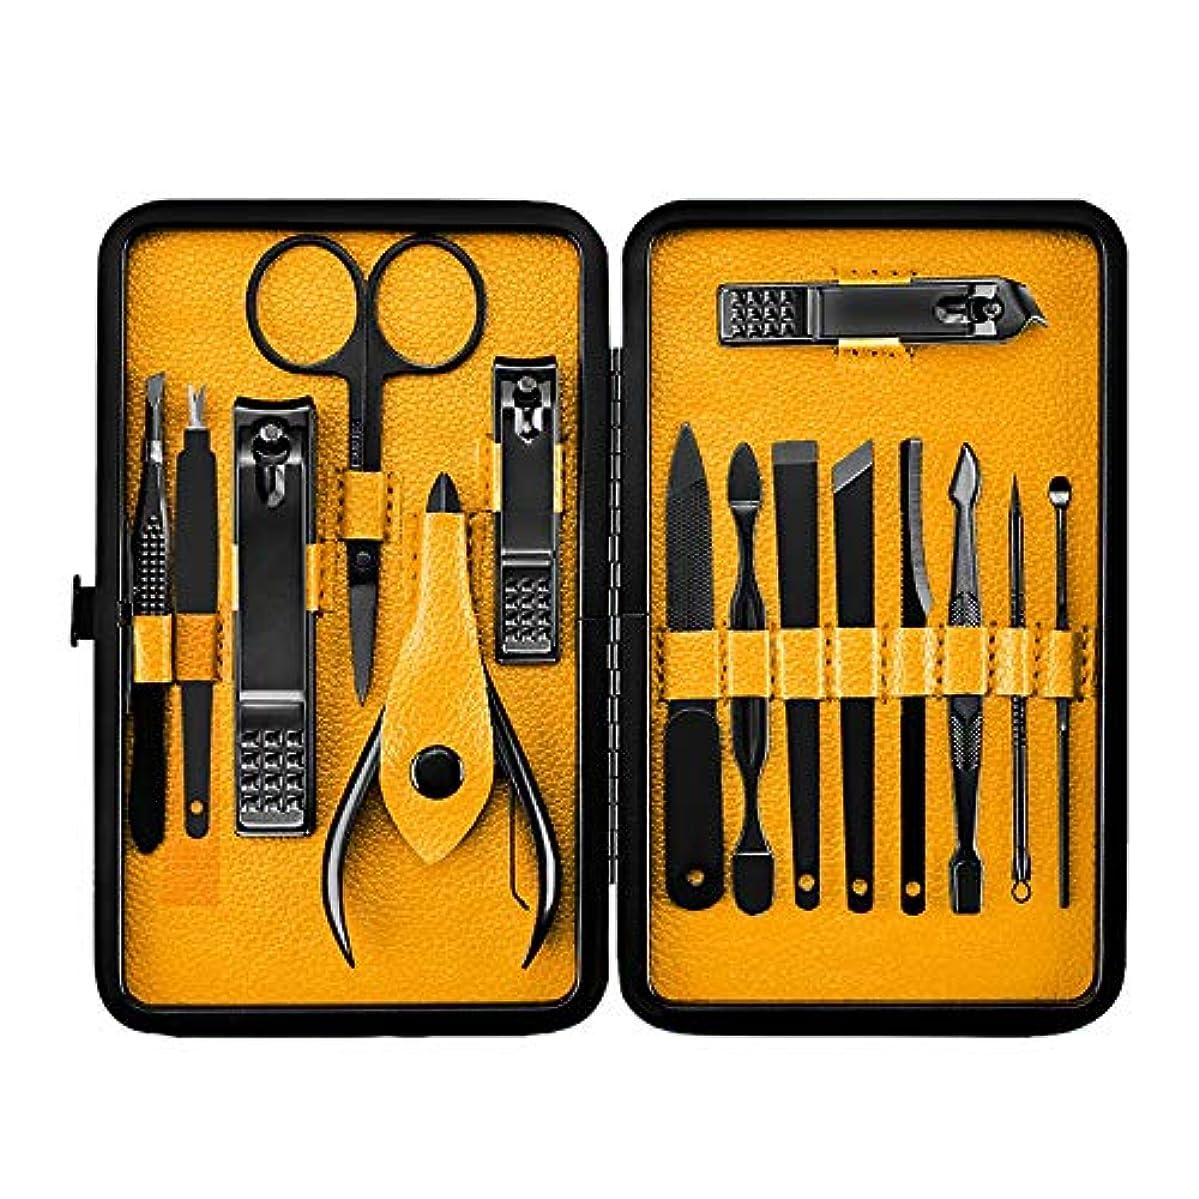 家族バース限りなくCUHAWUDBA 15ピース、プロフェッショナル、マニキュア、ステンレス鋼製ネイルのクリッパー、爪切り、はさみのセット、キット、マニキュアのセット、ネイルのツール、ネイルアートのツール